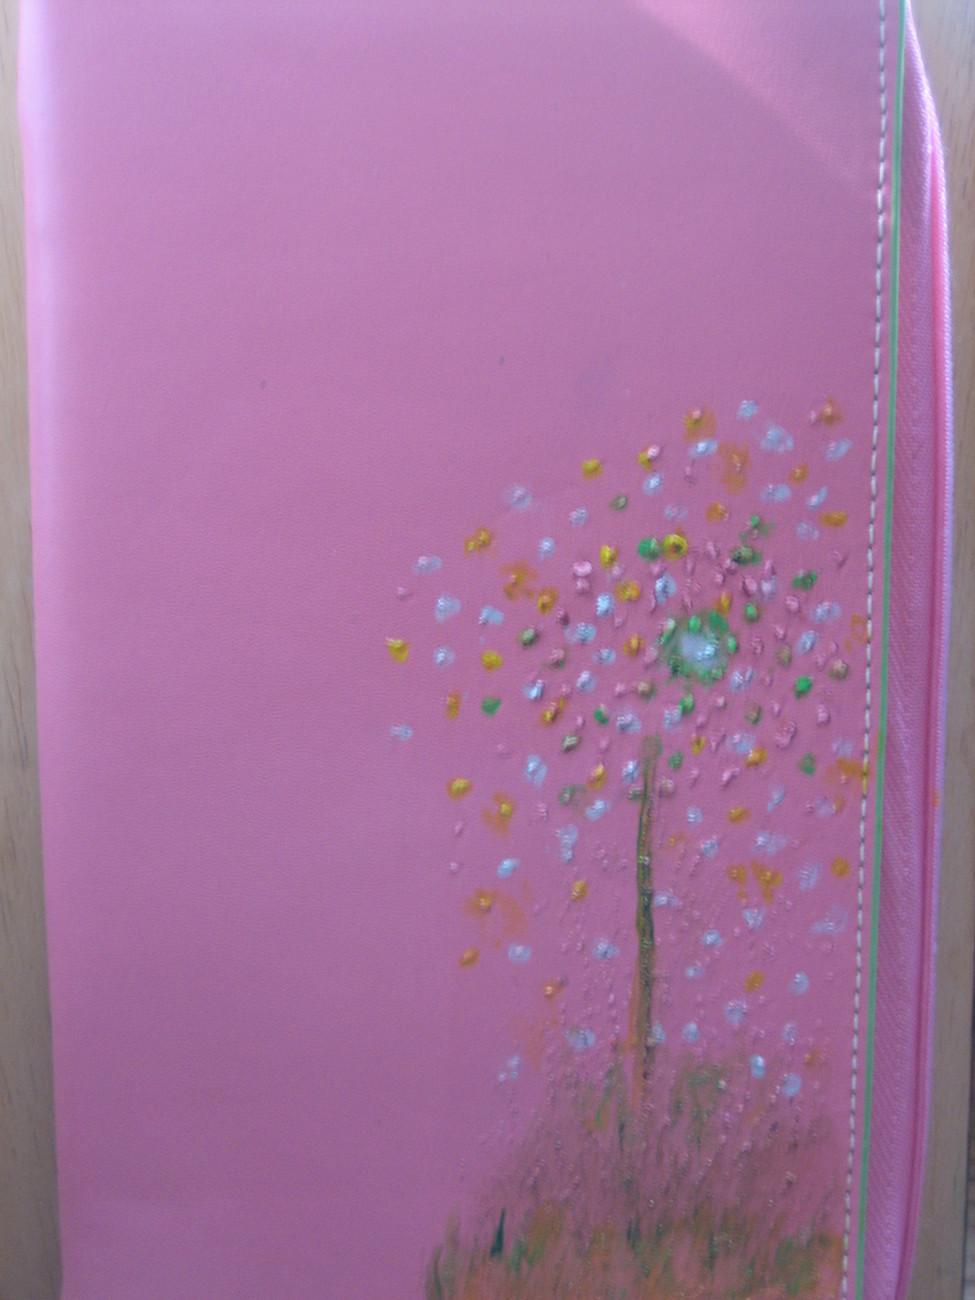 NEW Baakegard(Liz Claiborne) Pretty In Pink Handpainted Leather Passport Case